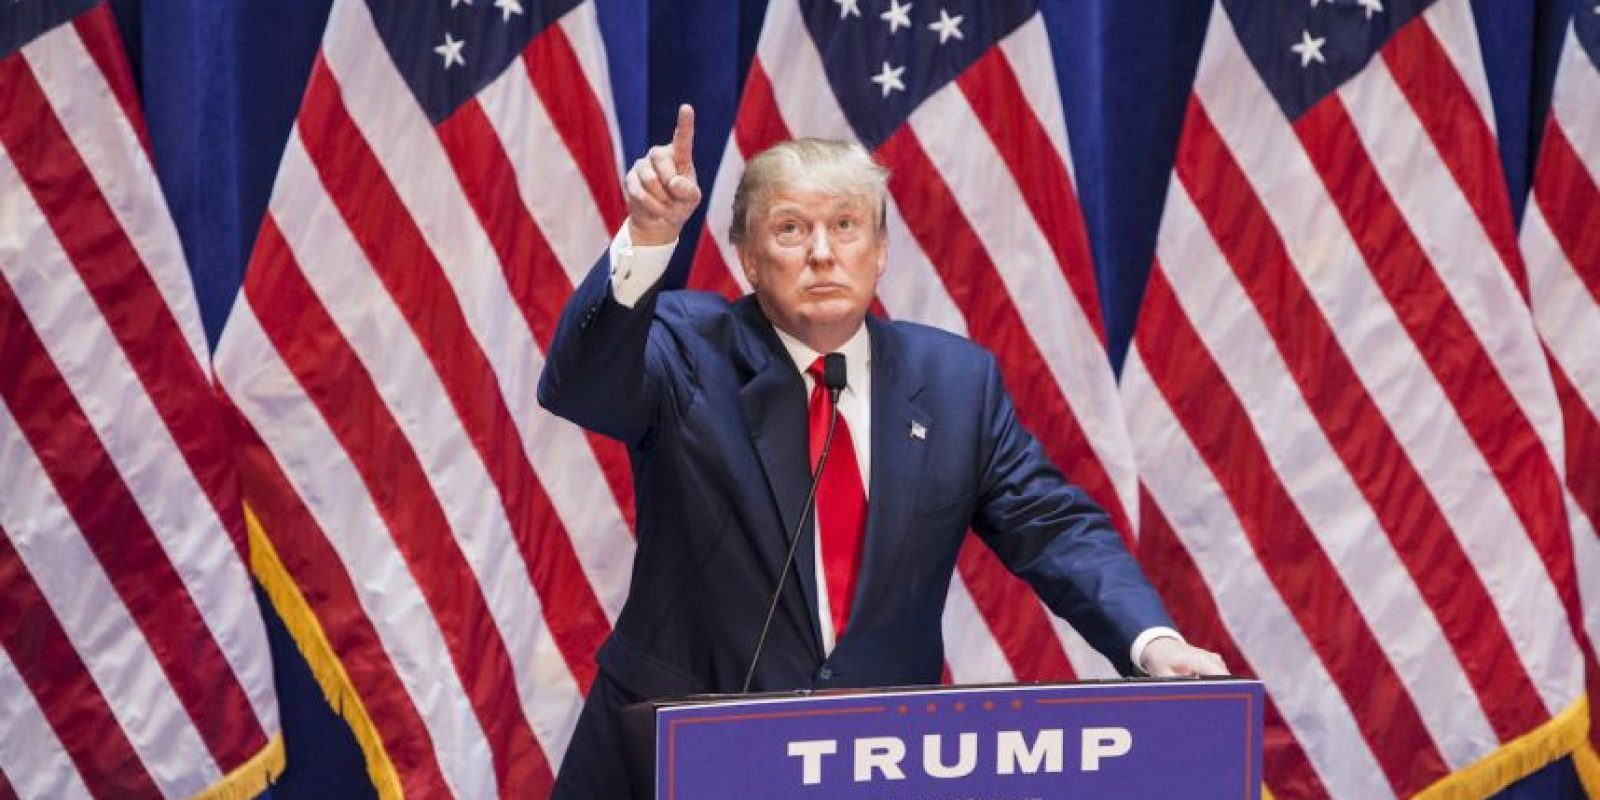 Trump se ha mantenido firme en sus comentarios y ha asegurado que es necesario construir un muro en la frontera de Estados Unidos y México. Foto:Getty Images